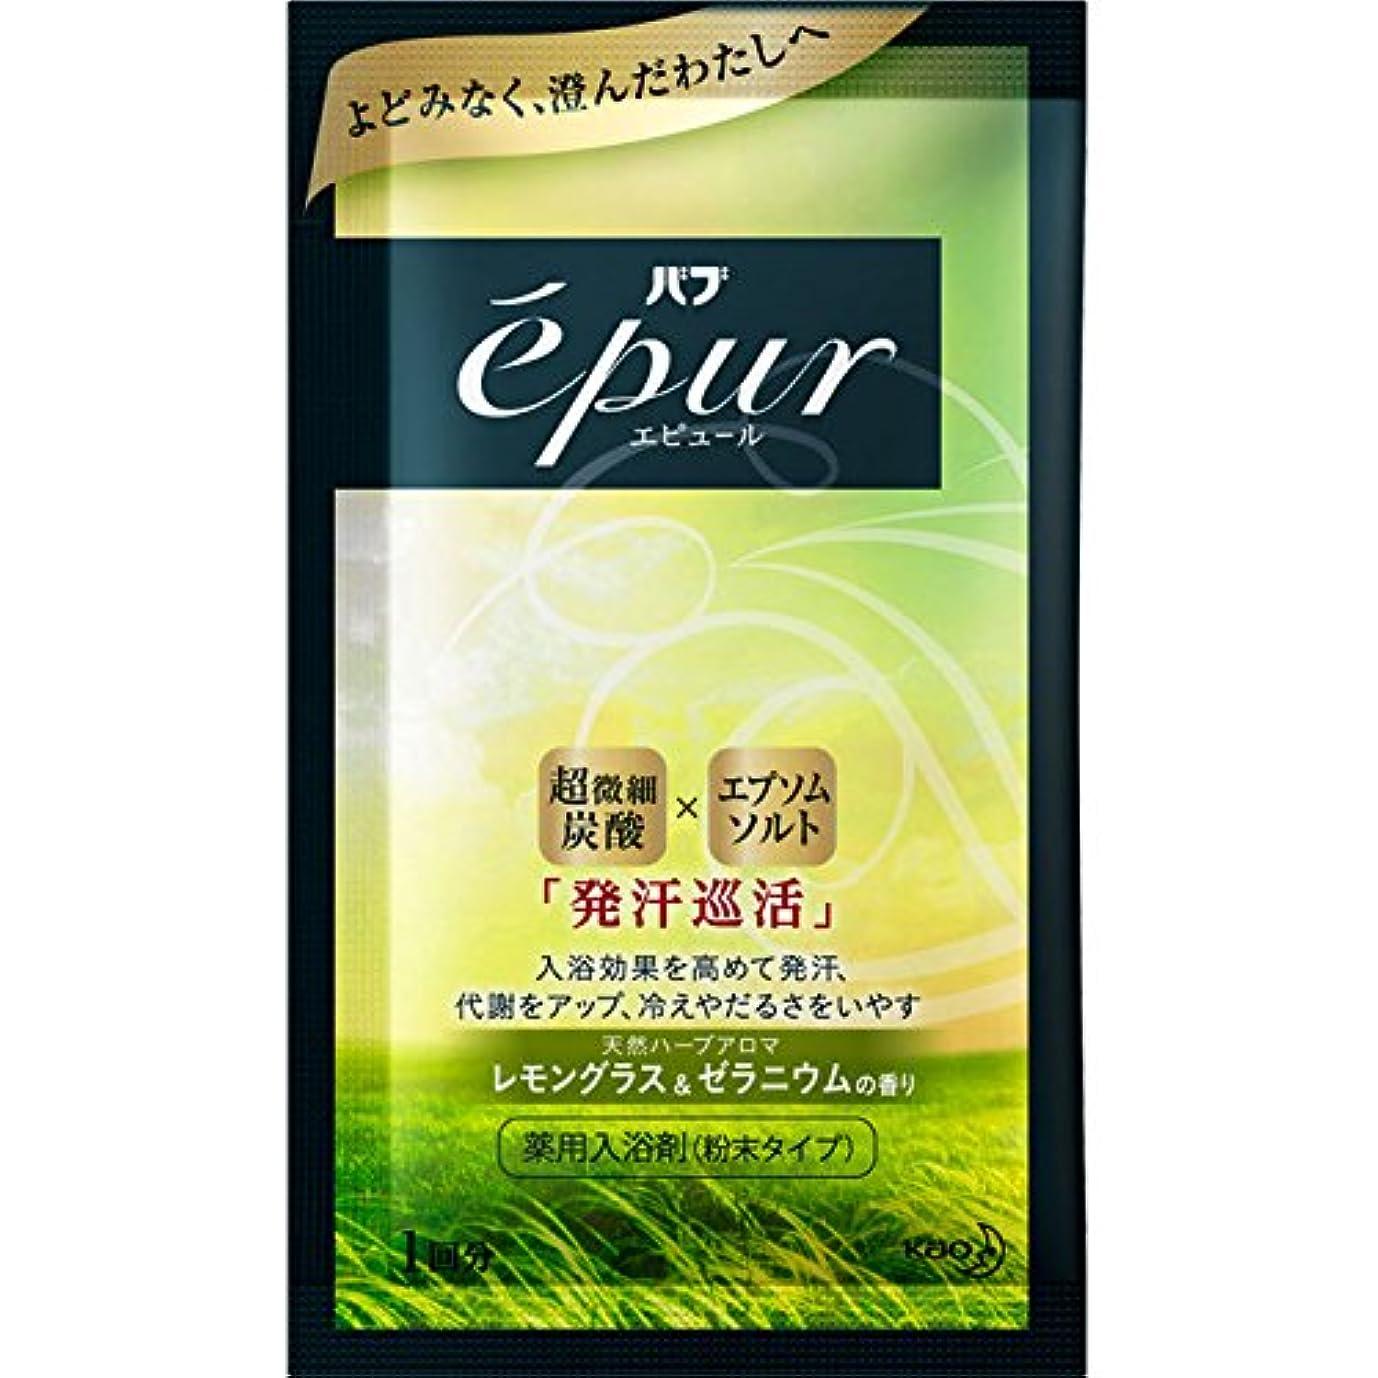 頭儀式わずかな花王 バブ エピュール レモングラス&ゼラニウム1P 50G (医薬部外品)